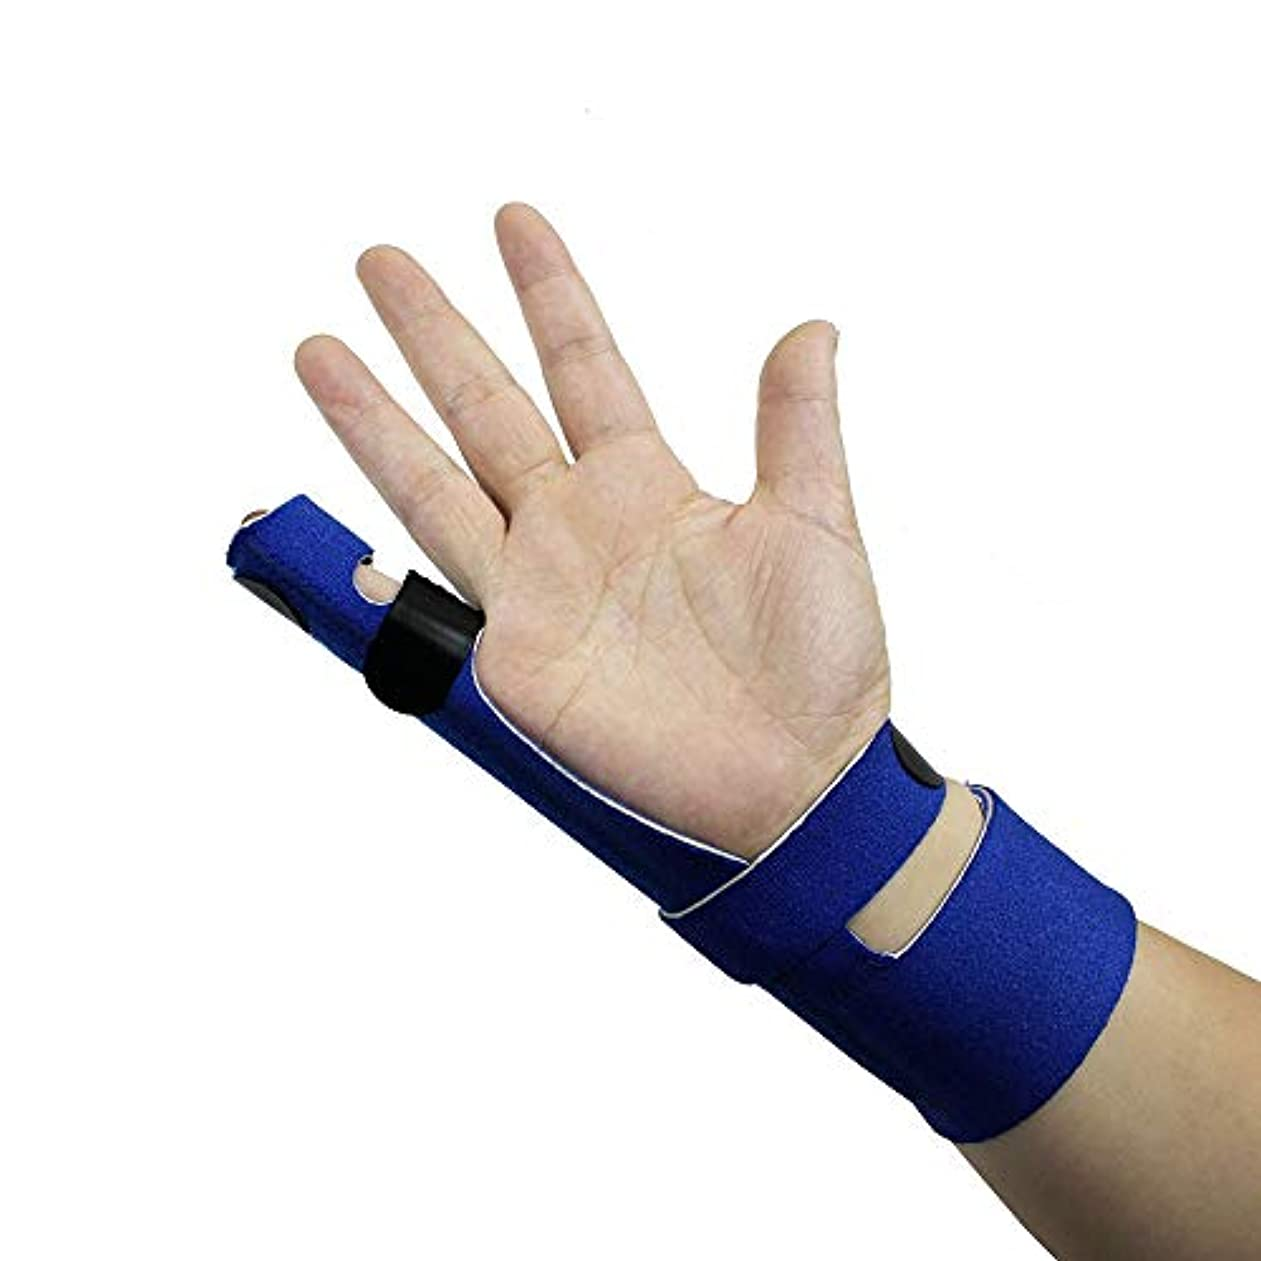 サスペンド疑わしい肝フィンガーエクステンションスプリント、腱炎の痛みの軽減、トリガーフィンガー、マレットフィンガー、関節炎フィンガースプリントの指の骨折または骨折